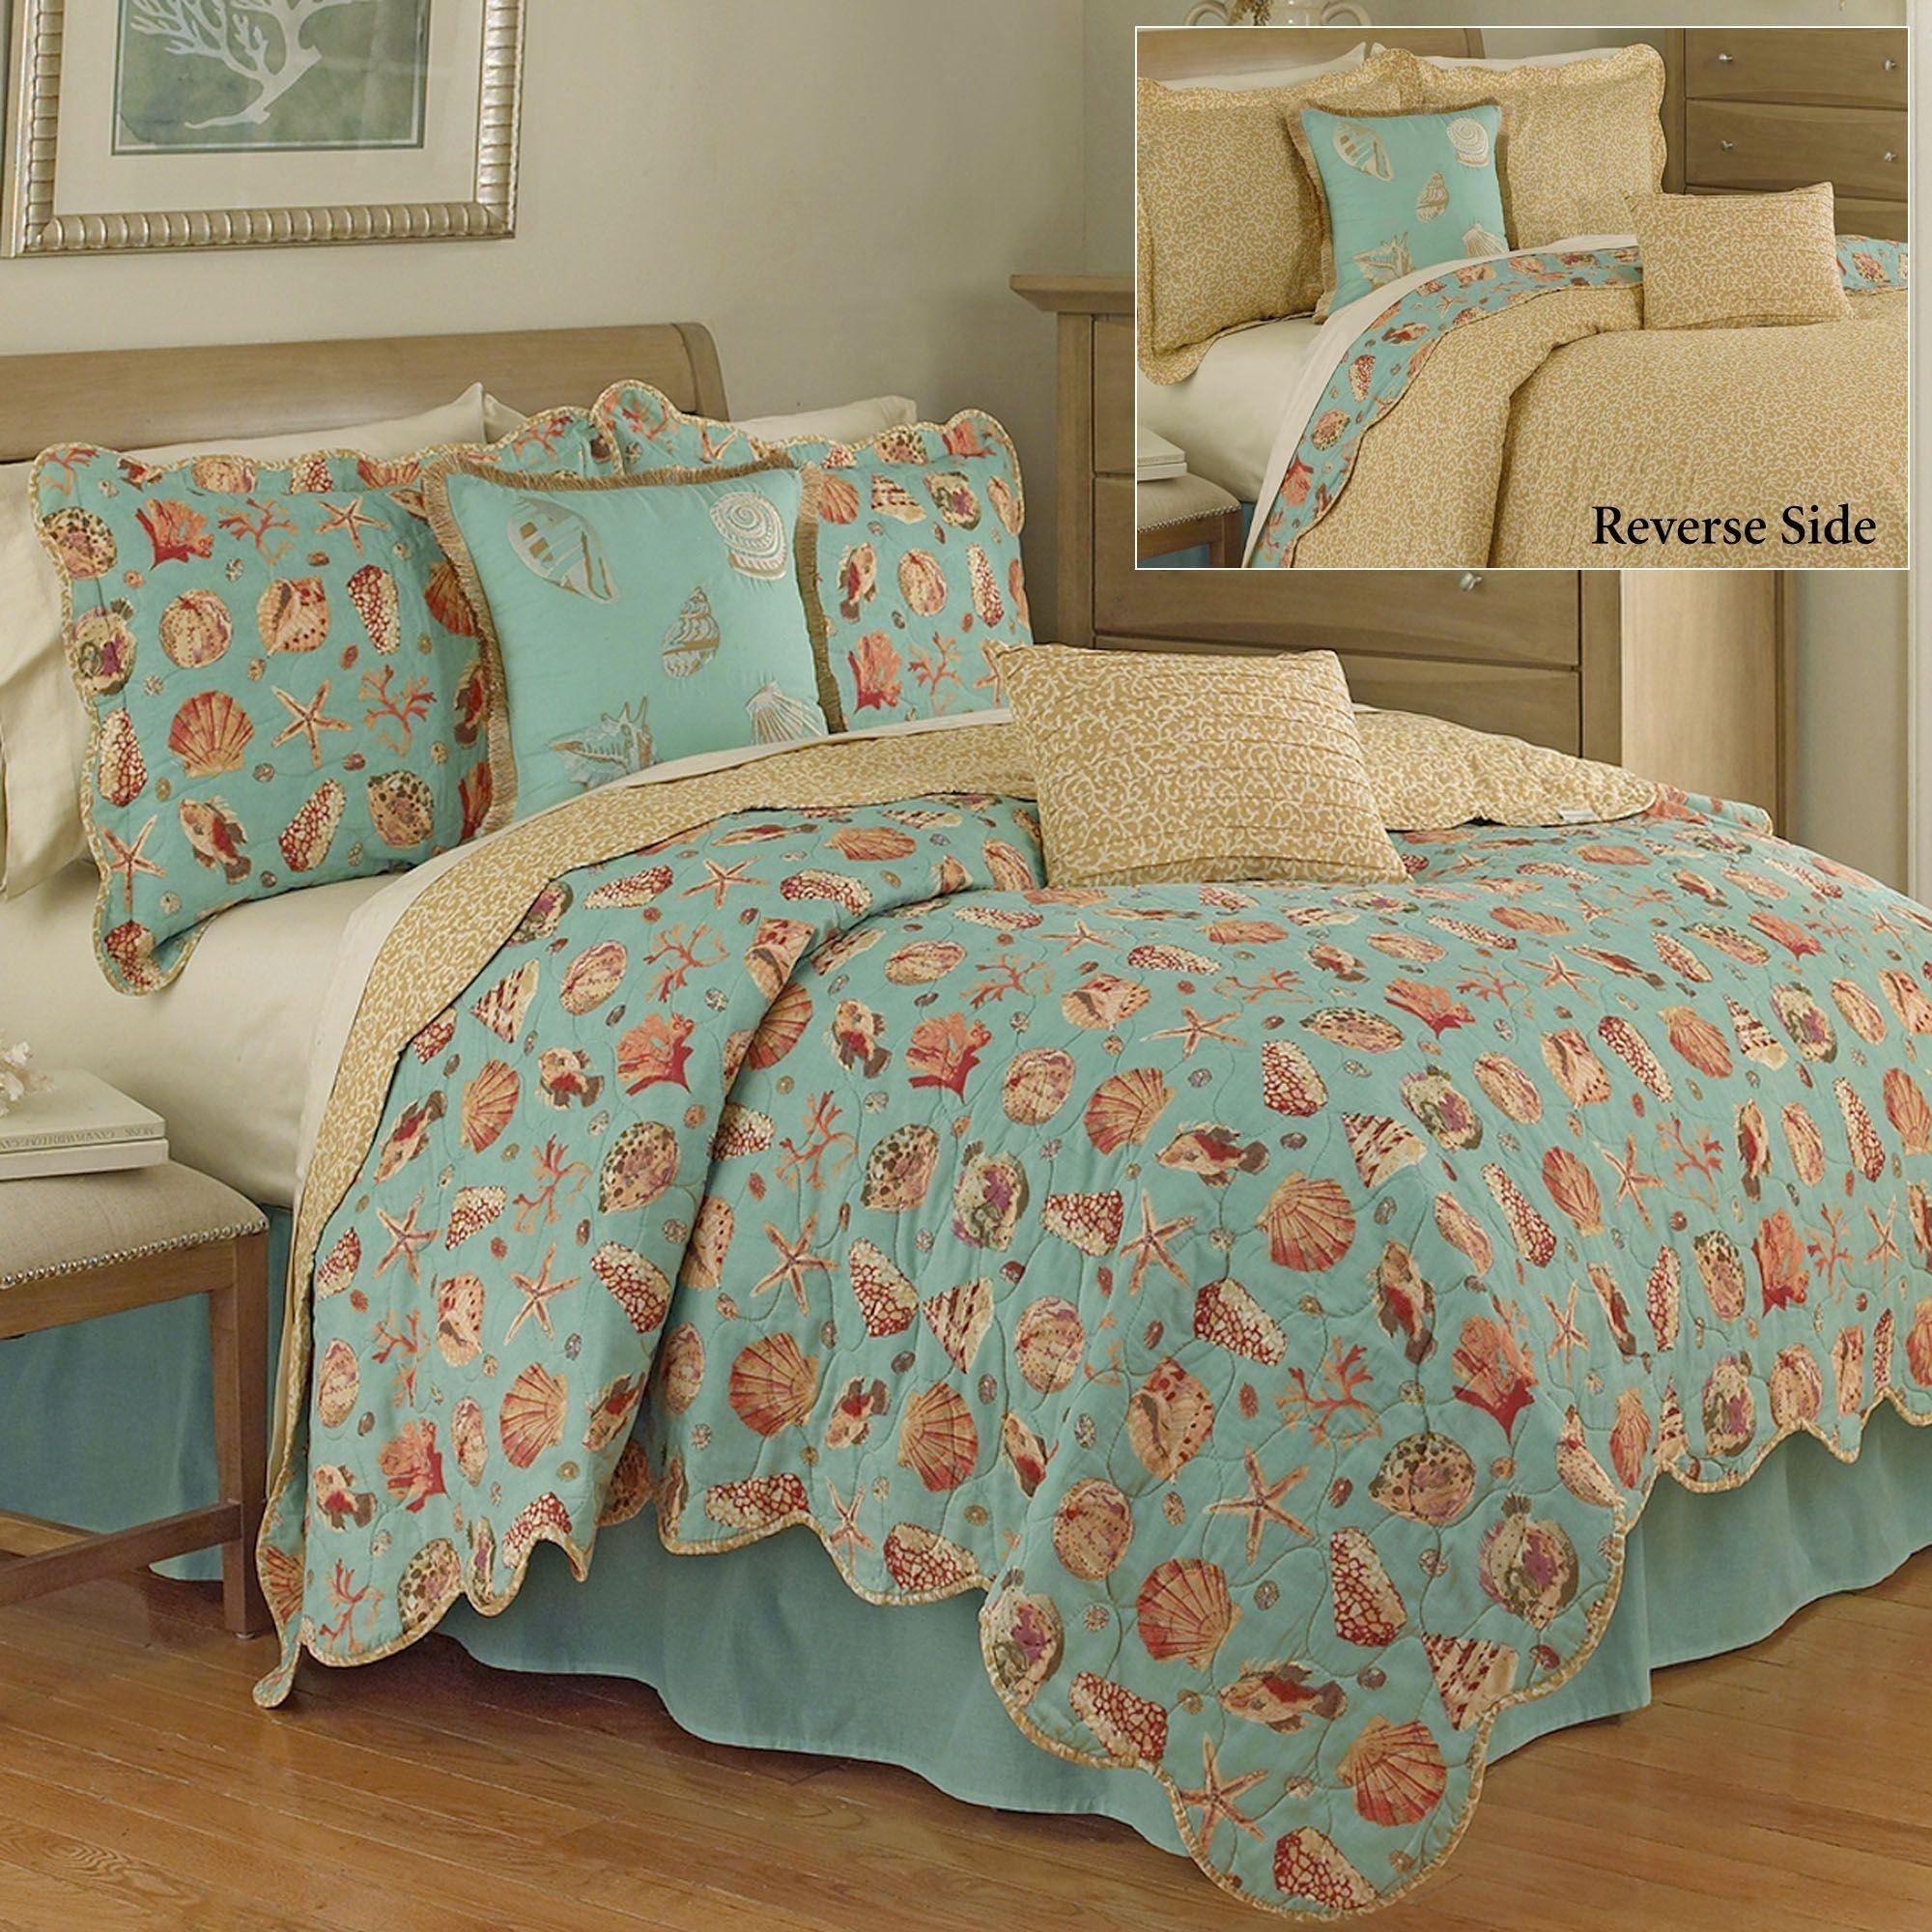 seashell a catalina bed quilt santa coastal ordable bedding sets